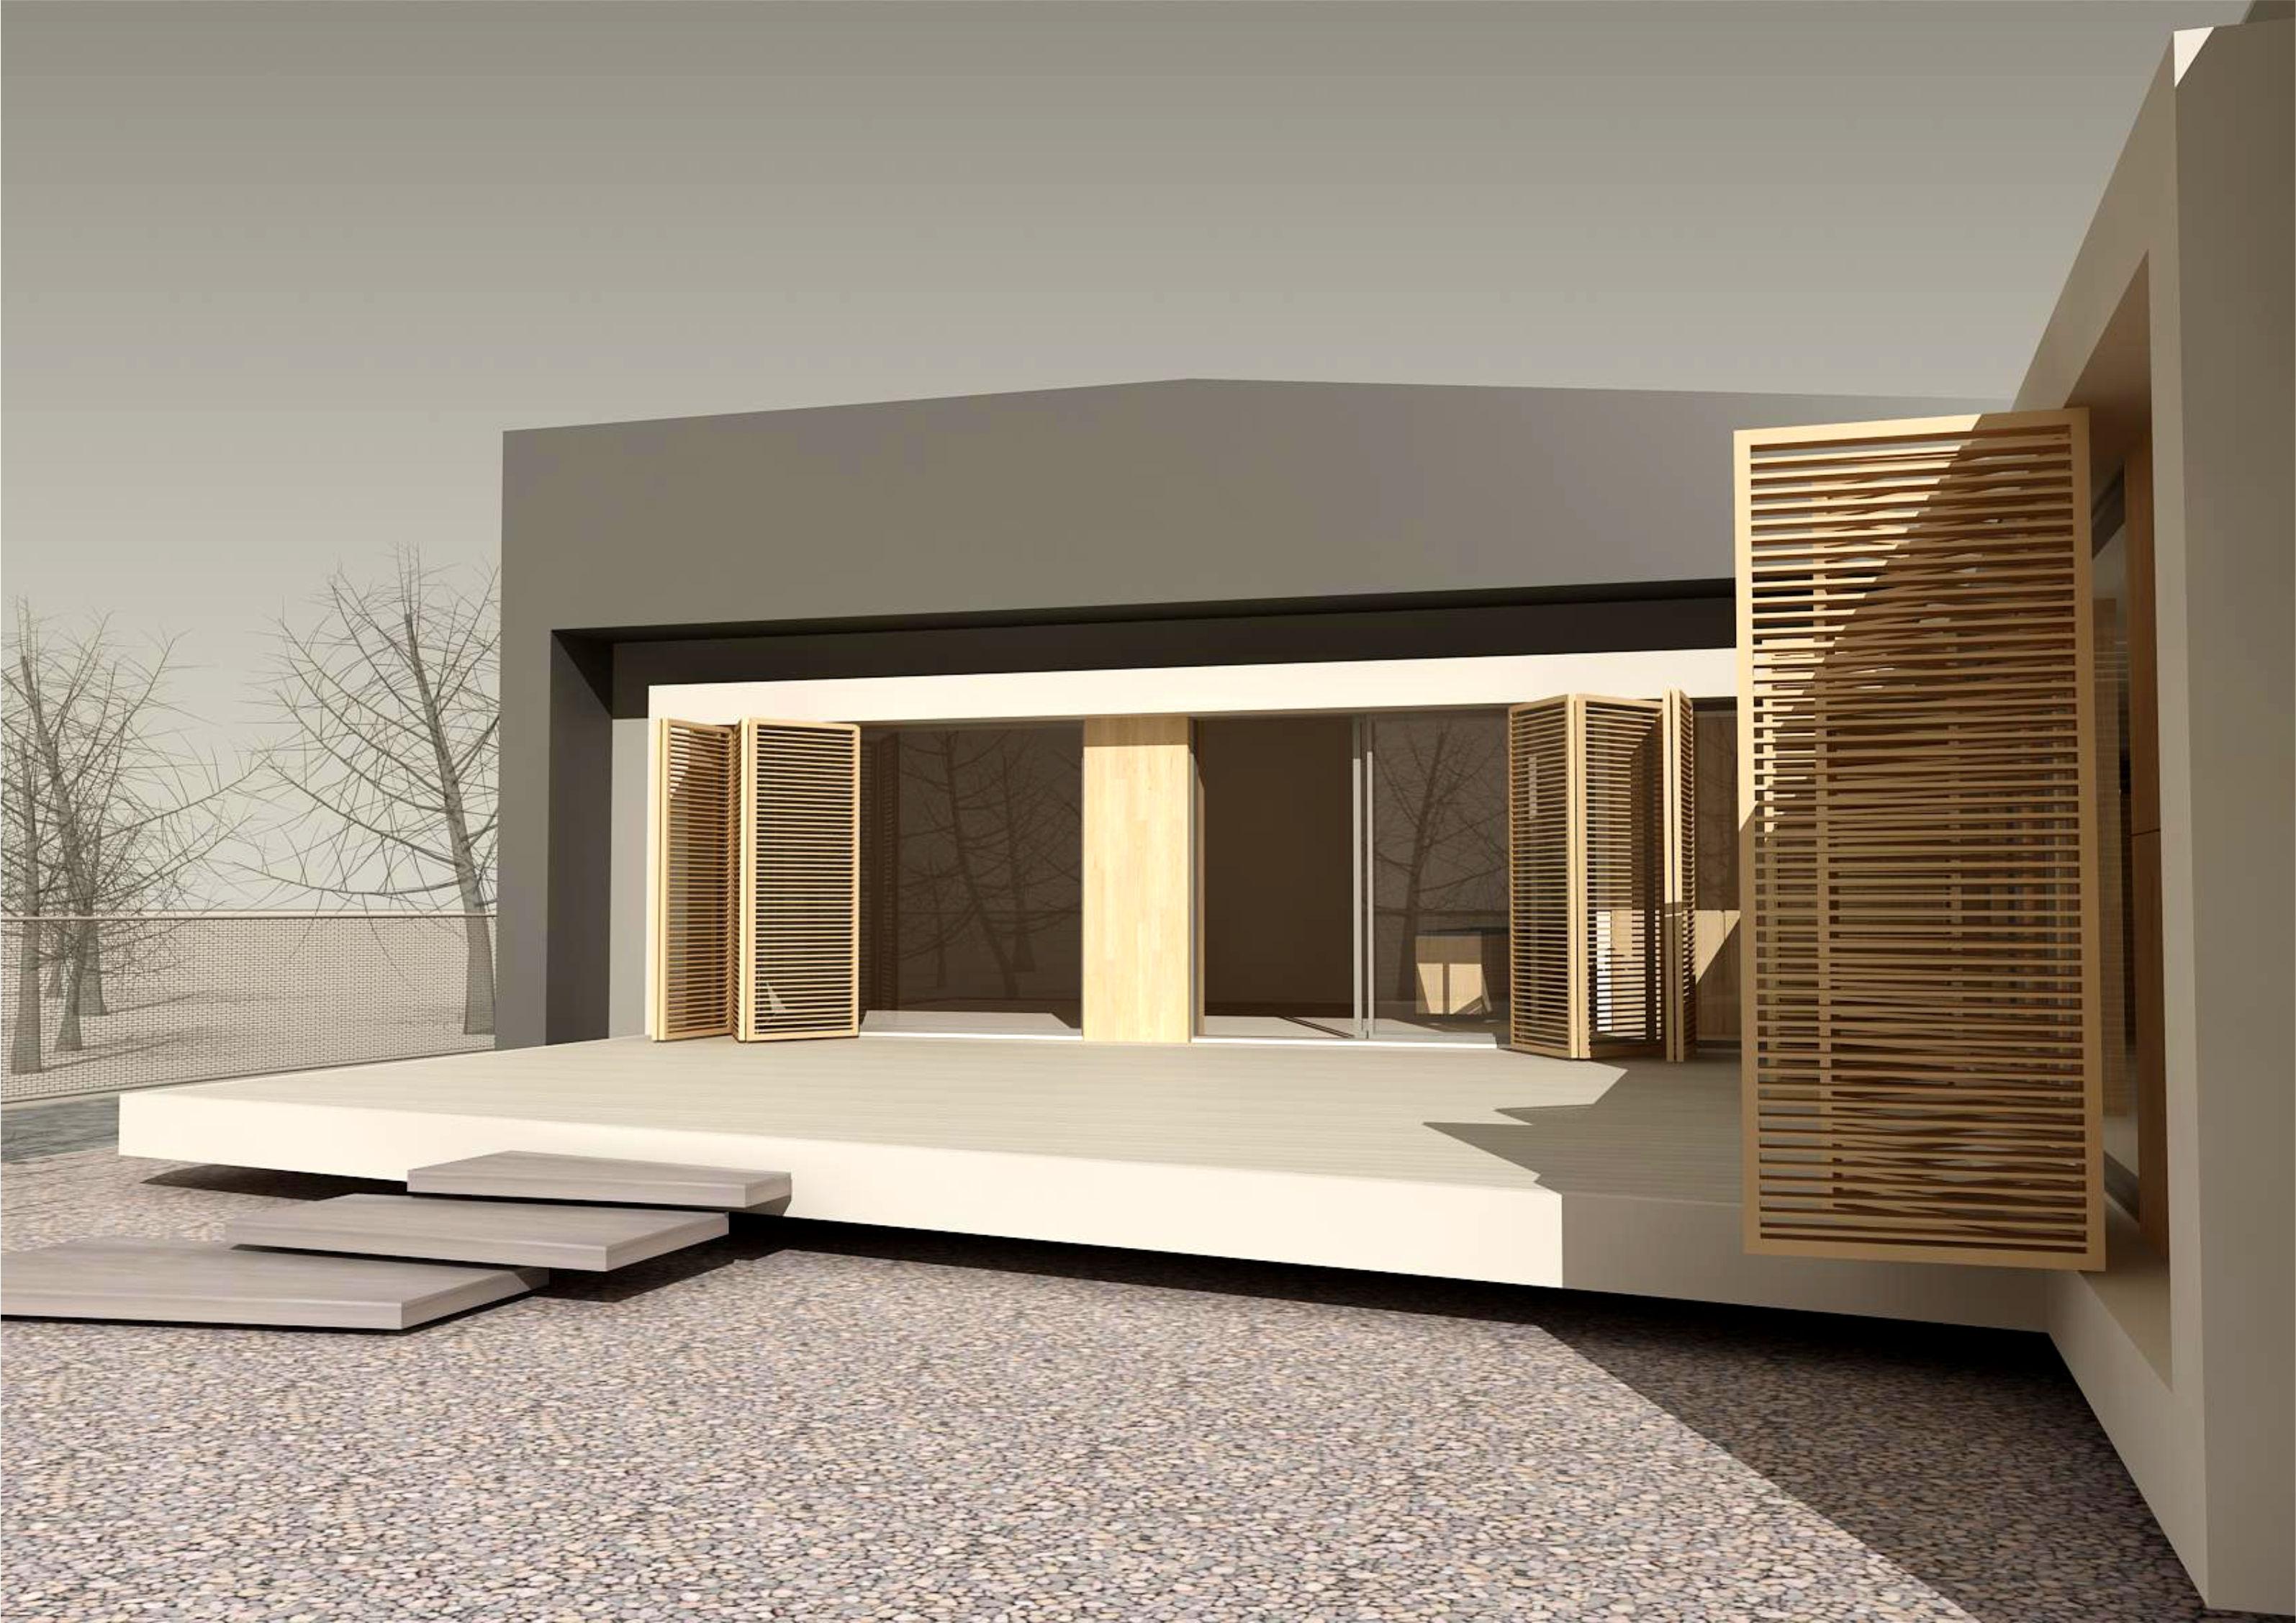 Projekt stavby rodinného domu VII 02